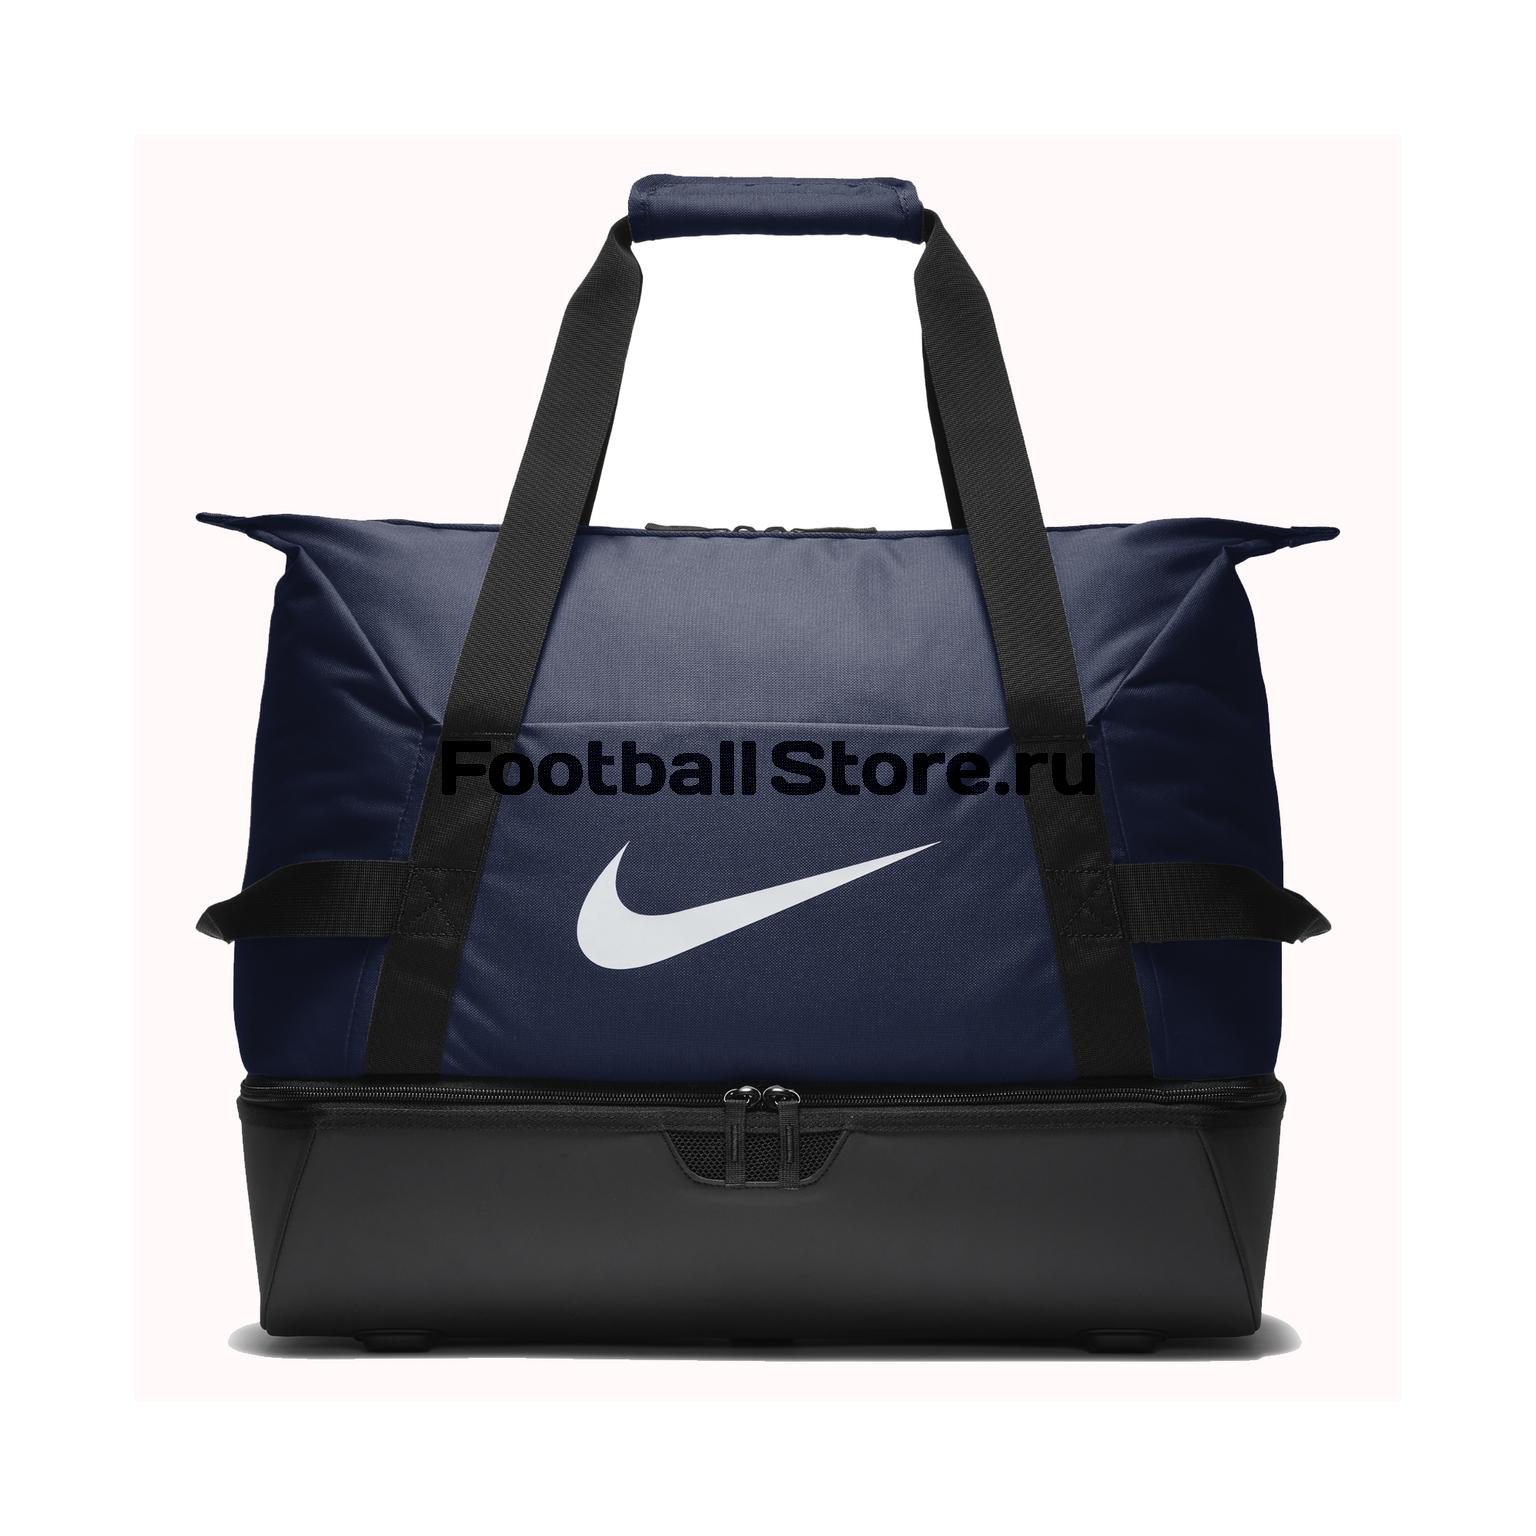 Сумка Nike Academy Team L BA5506-410 сумка nike academy team l ba5506 410